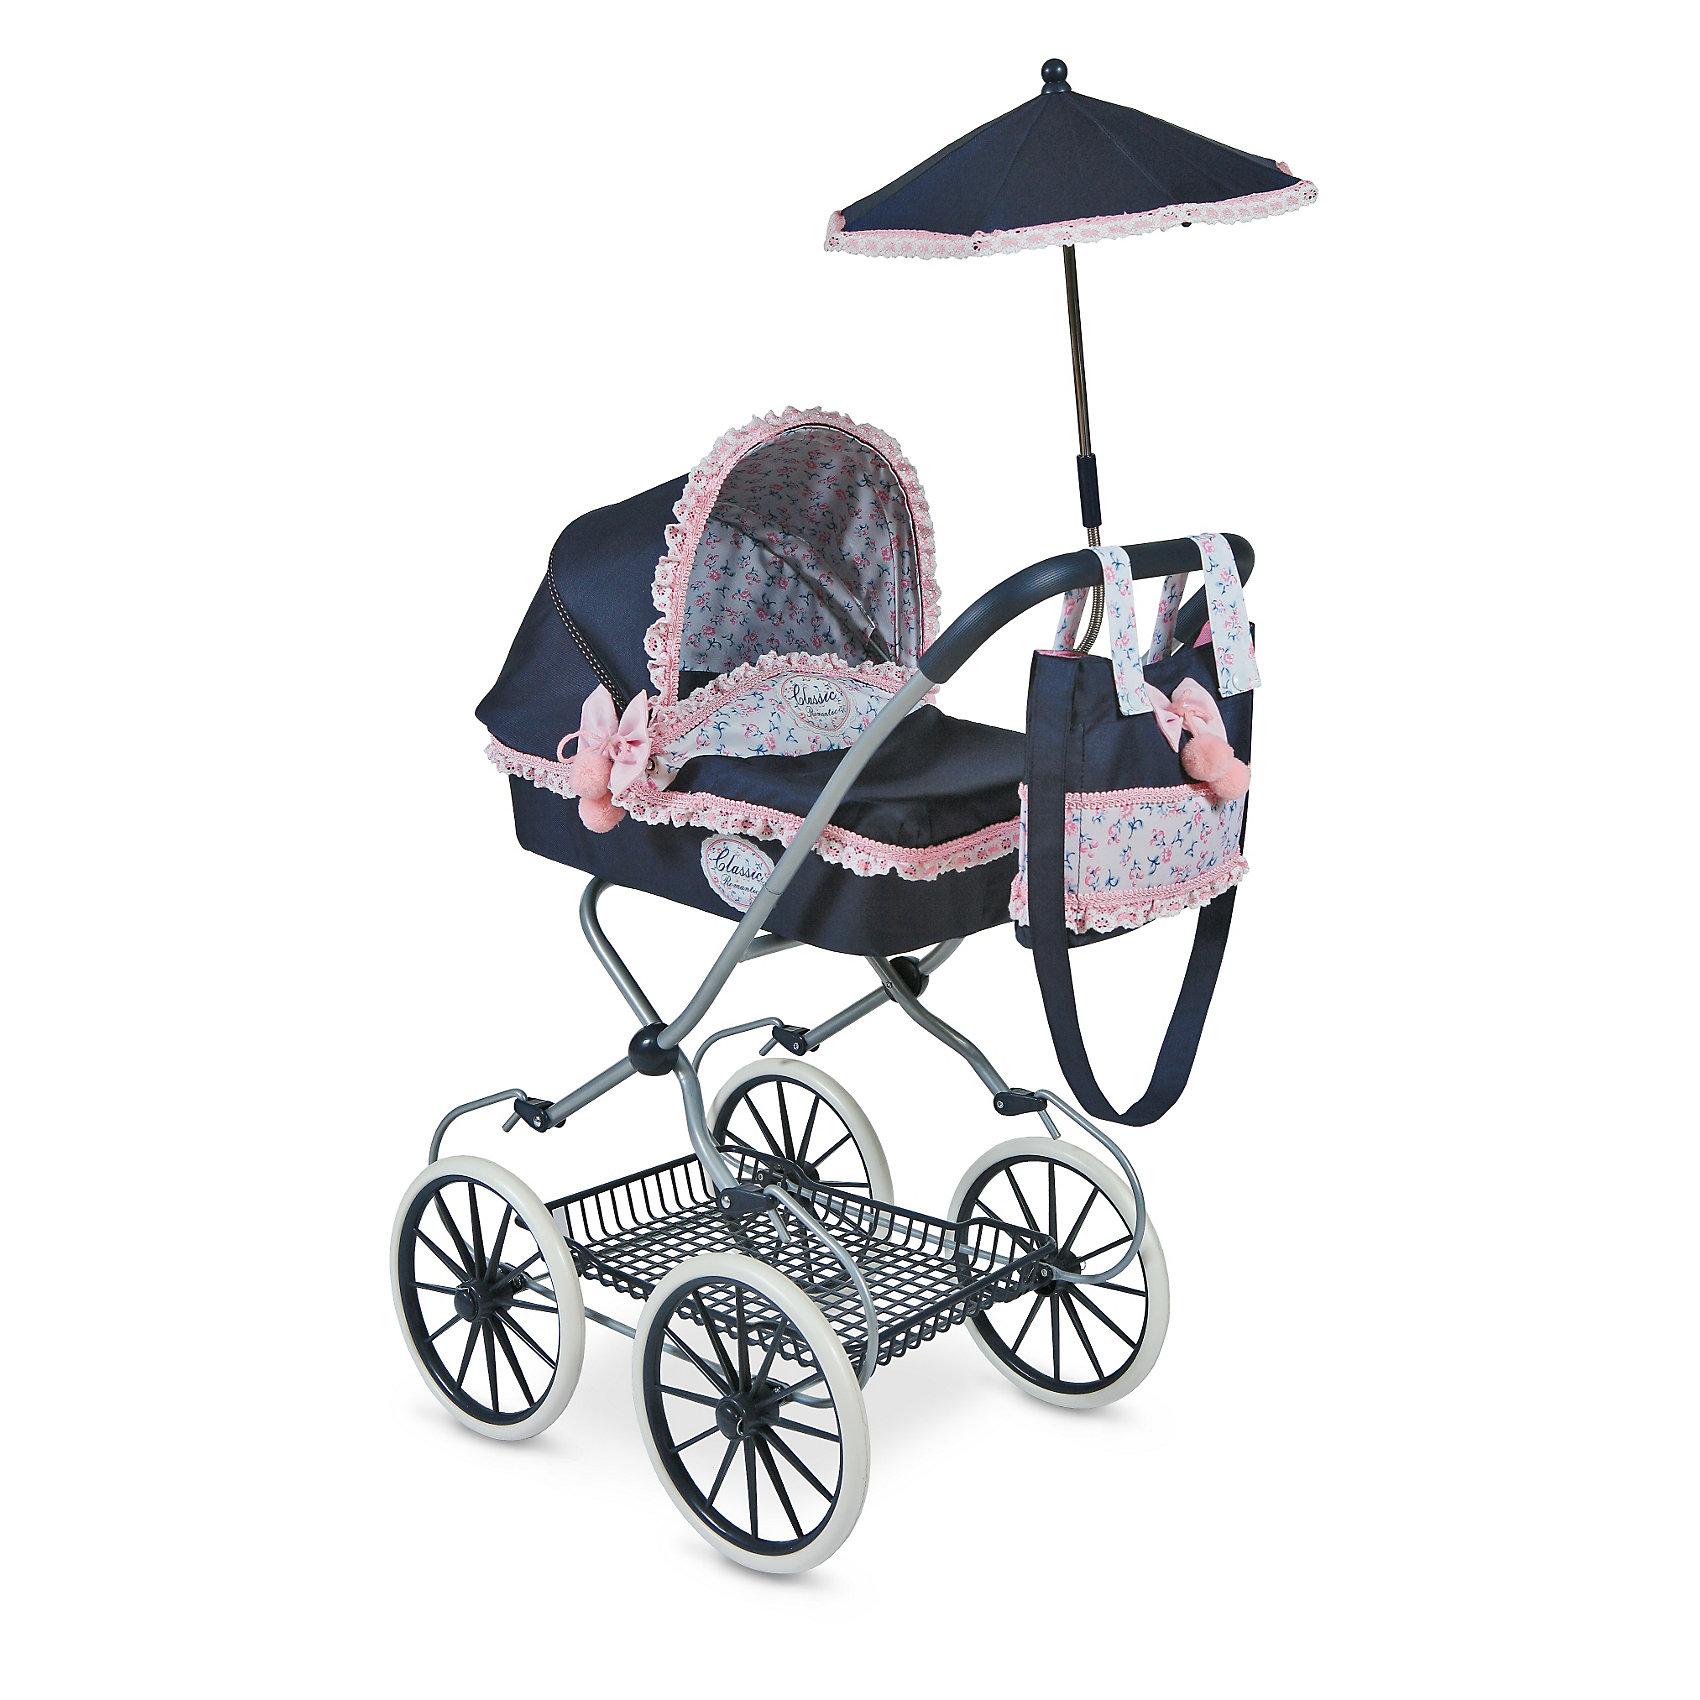 Коляска с сумкой и зонтиком Романтик, DeCuevasКоляски и транспорт для кукол<br>Кукла для девочки - это не только игрушка, с которой можно весело провести время, кукла - это возможность отрабатывать навыки поведения в обществе, учиться заботе о других, делать прически и одеваться согласно моде и поводу. Любимой кукле обязательно нужна коляска.<br>Эта красивая коляска не только эффектно выглядит, она легко складывается. В ней есть всё необходимое для комфорта - зонт и сумка на ручке. Игрушка украшена ажурной отделкой, в ней - прочный металлический каркас. Произведена коляска из безопасных для ребенка и качественных материалов.<br><br>Дополнительная информация:<br><br>цвет: разноцветный;<br>материал: пластик, текстиль, металл;<br>есть зонт и сумка на ручке;<br>размер: 68 х 42 х 81 см.<br><br>Коляску с сумкой и зонтиком Романтик от компании DeCuevas можно купить в нашем магазине.<br><br>Ширина мм: 42<br>Глубина мм: 68<br>Высота мм: 81<br>Вес г: 5030<br>Возраст от месяцев: 36<br>Возраст до месяцев: 2147483647<br>Пол: Женский<br>Возраст: Детский<br>SKU: 4975802